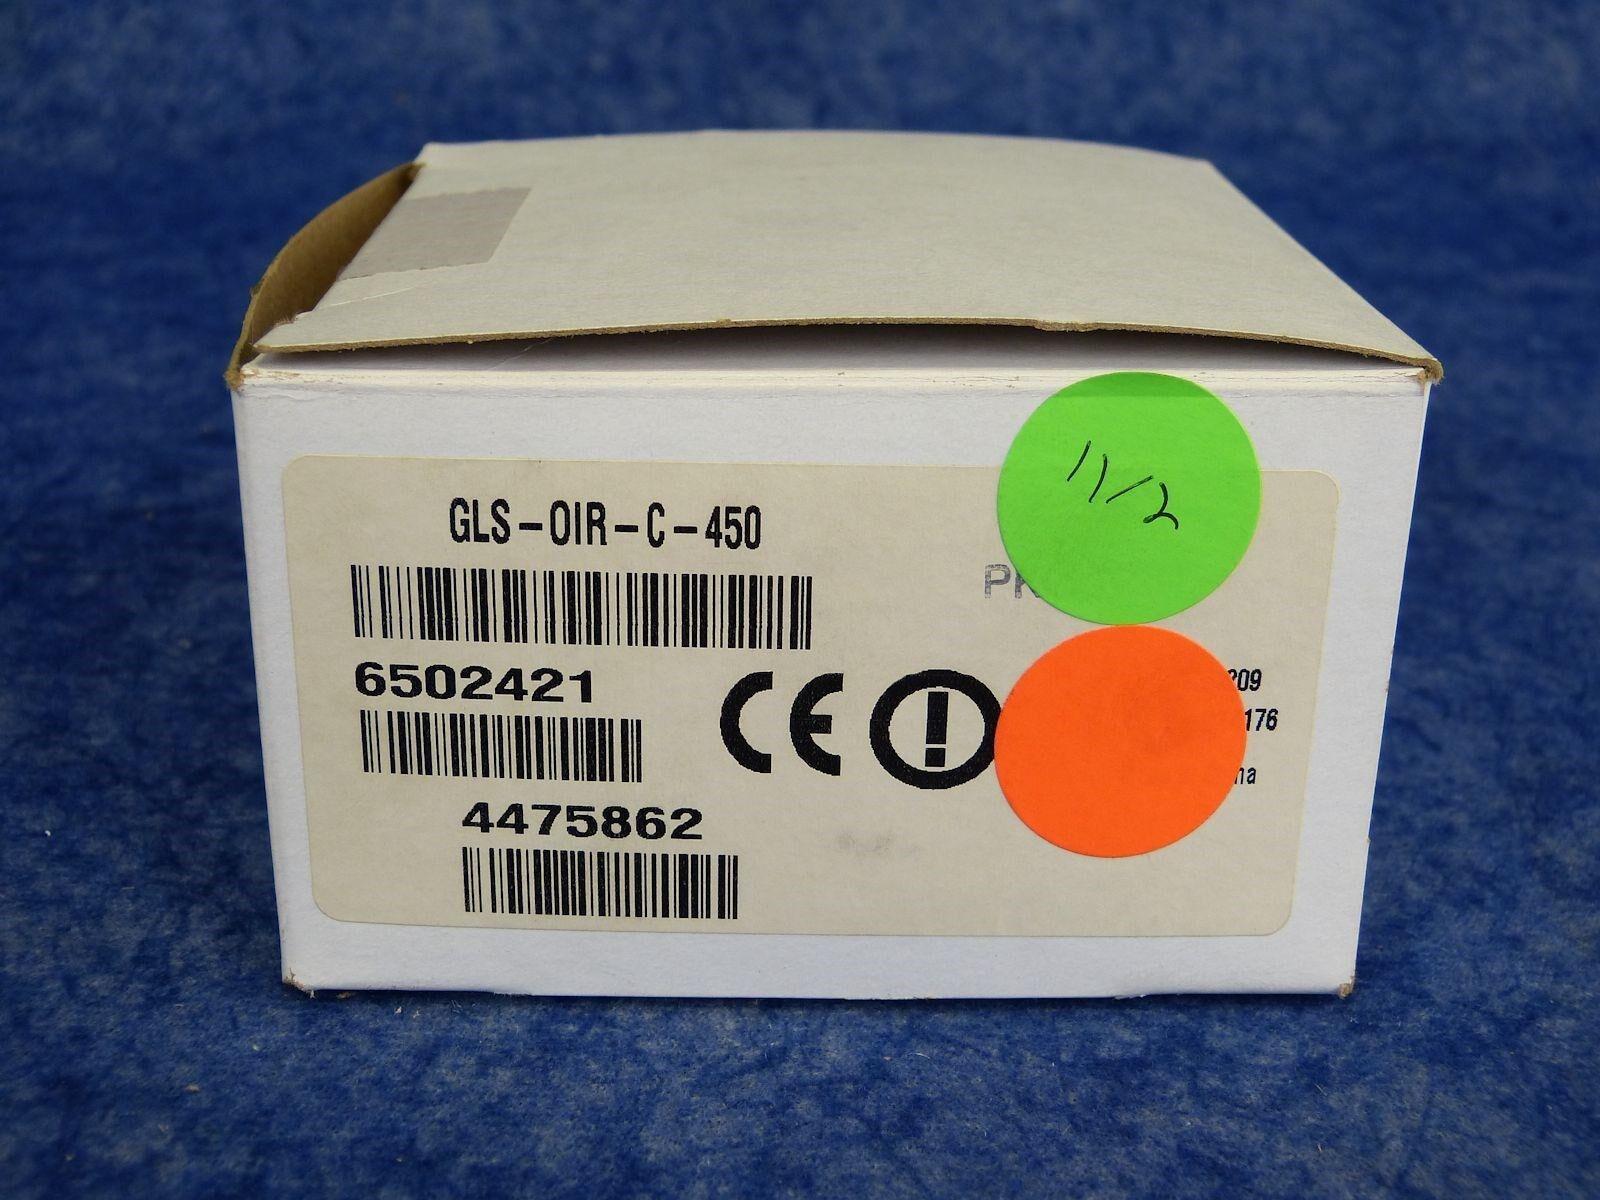 NEW Crestron GLS-OIR-C-450 IR Room 450sq/ft Occupancy Sensor Green Light